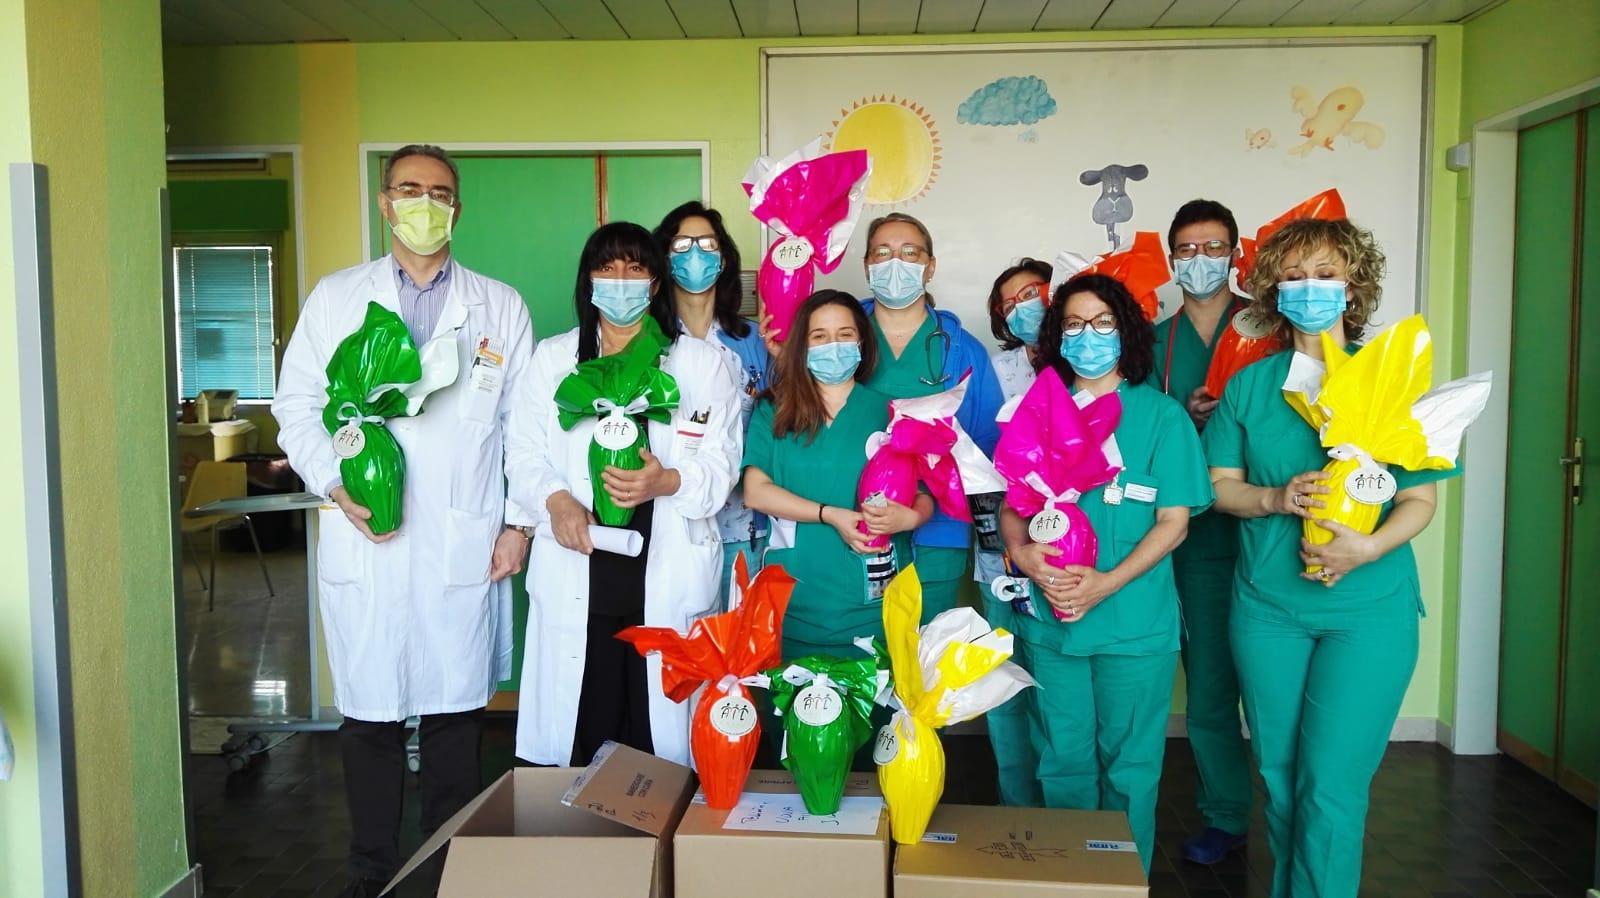 Consegna delle uova al reparto pediatria